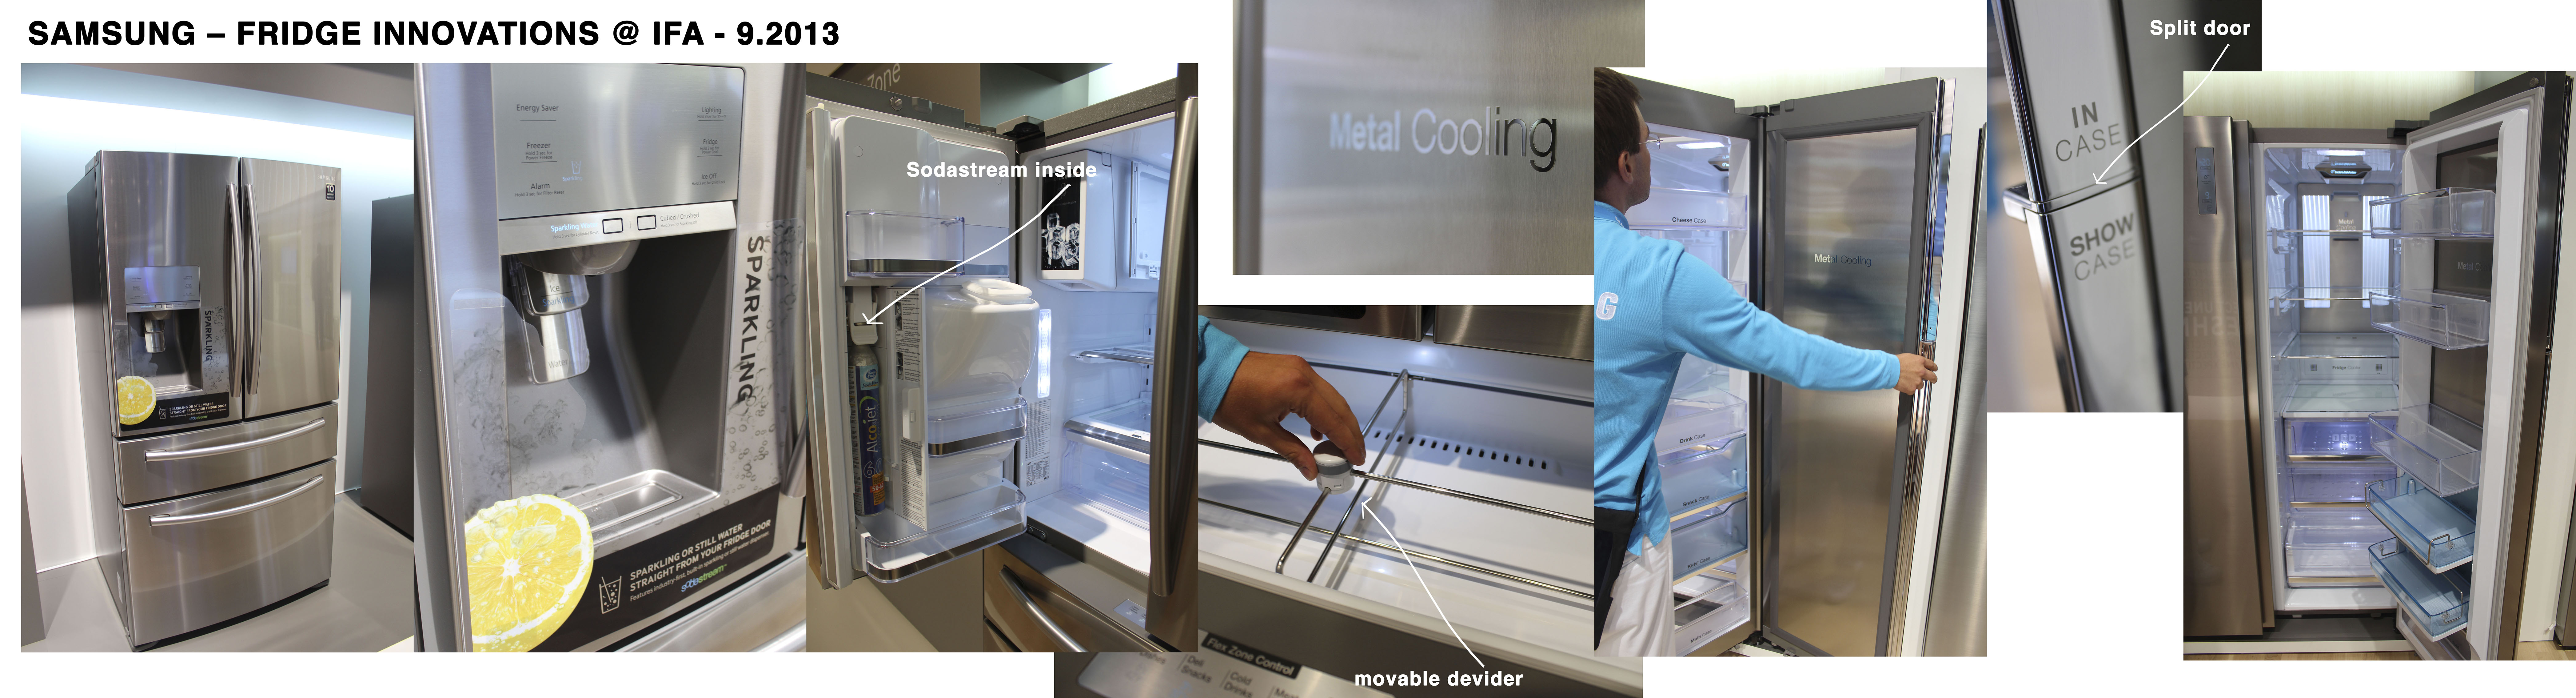 samsung home appliances @ ifa 2013 | kitchen talk blog